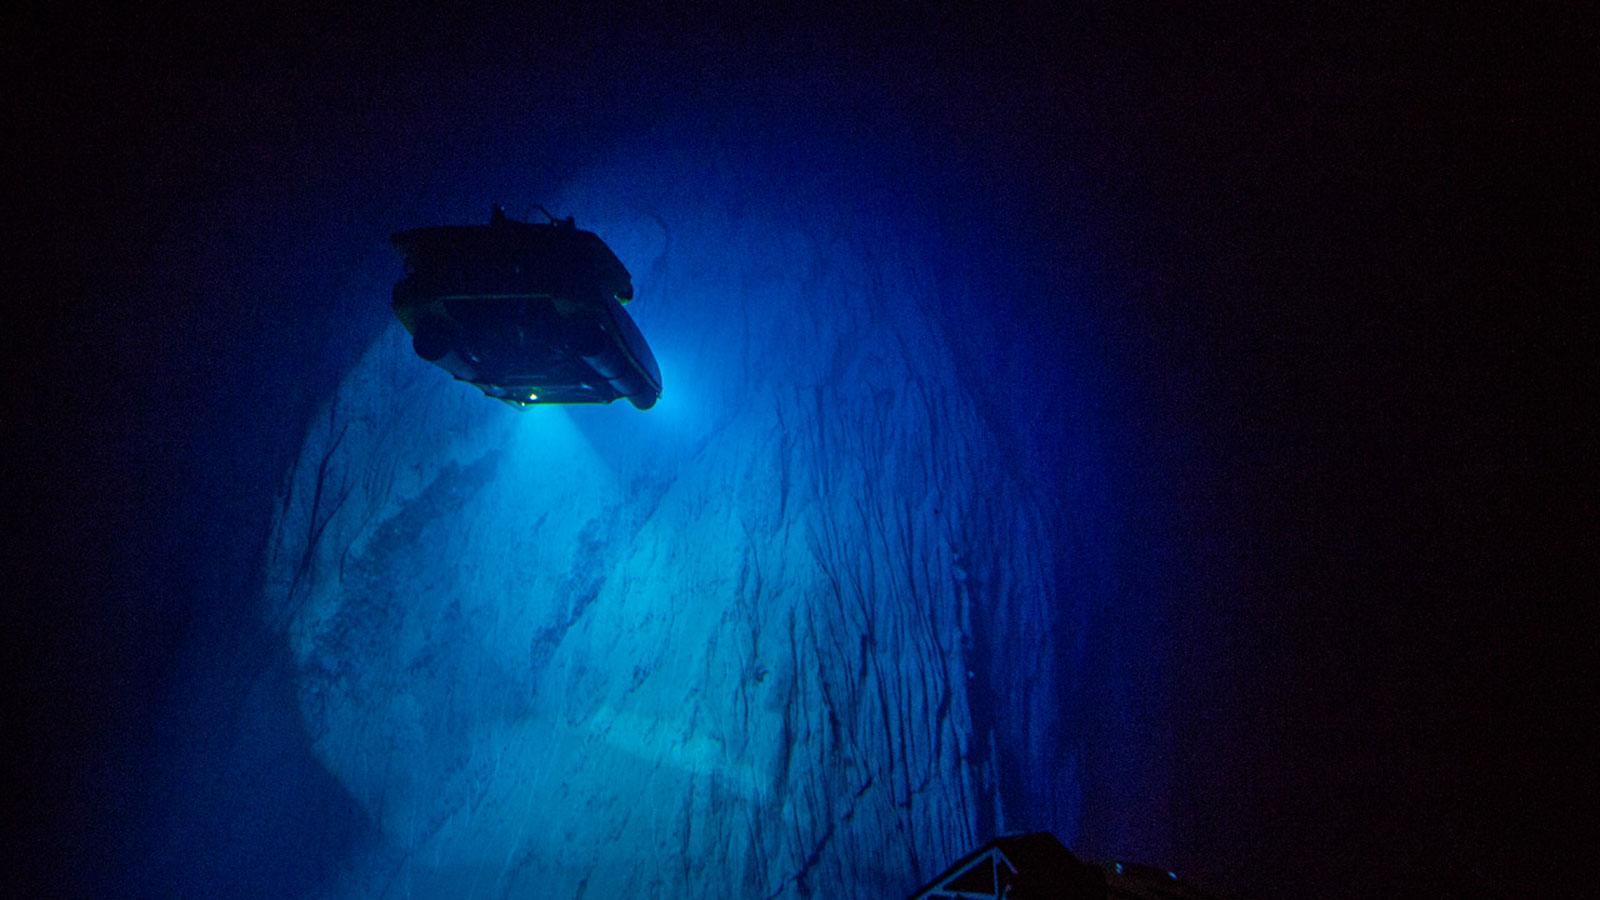 Ein Bild, das dunkel, verschwommen, Licht enthält.  Automatisch generierte Beschreibung